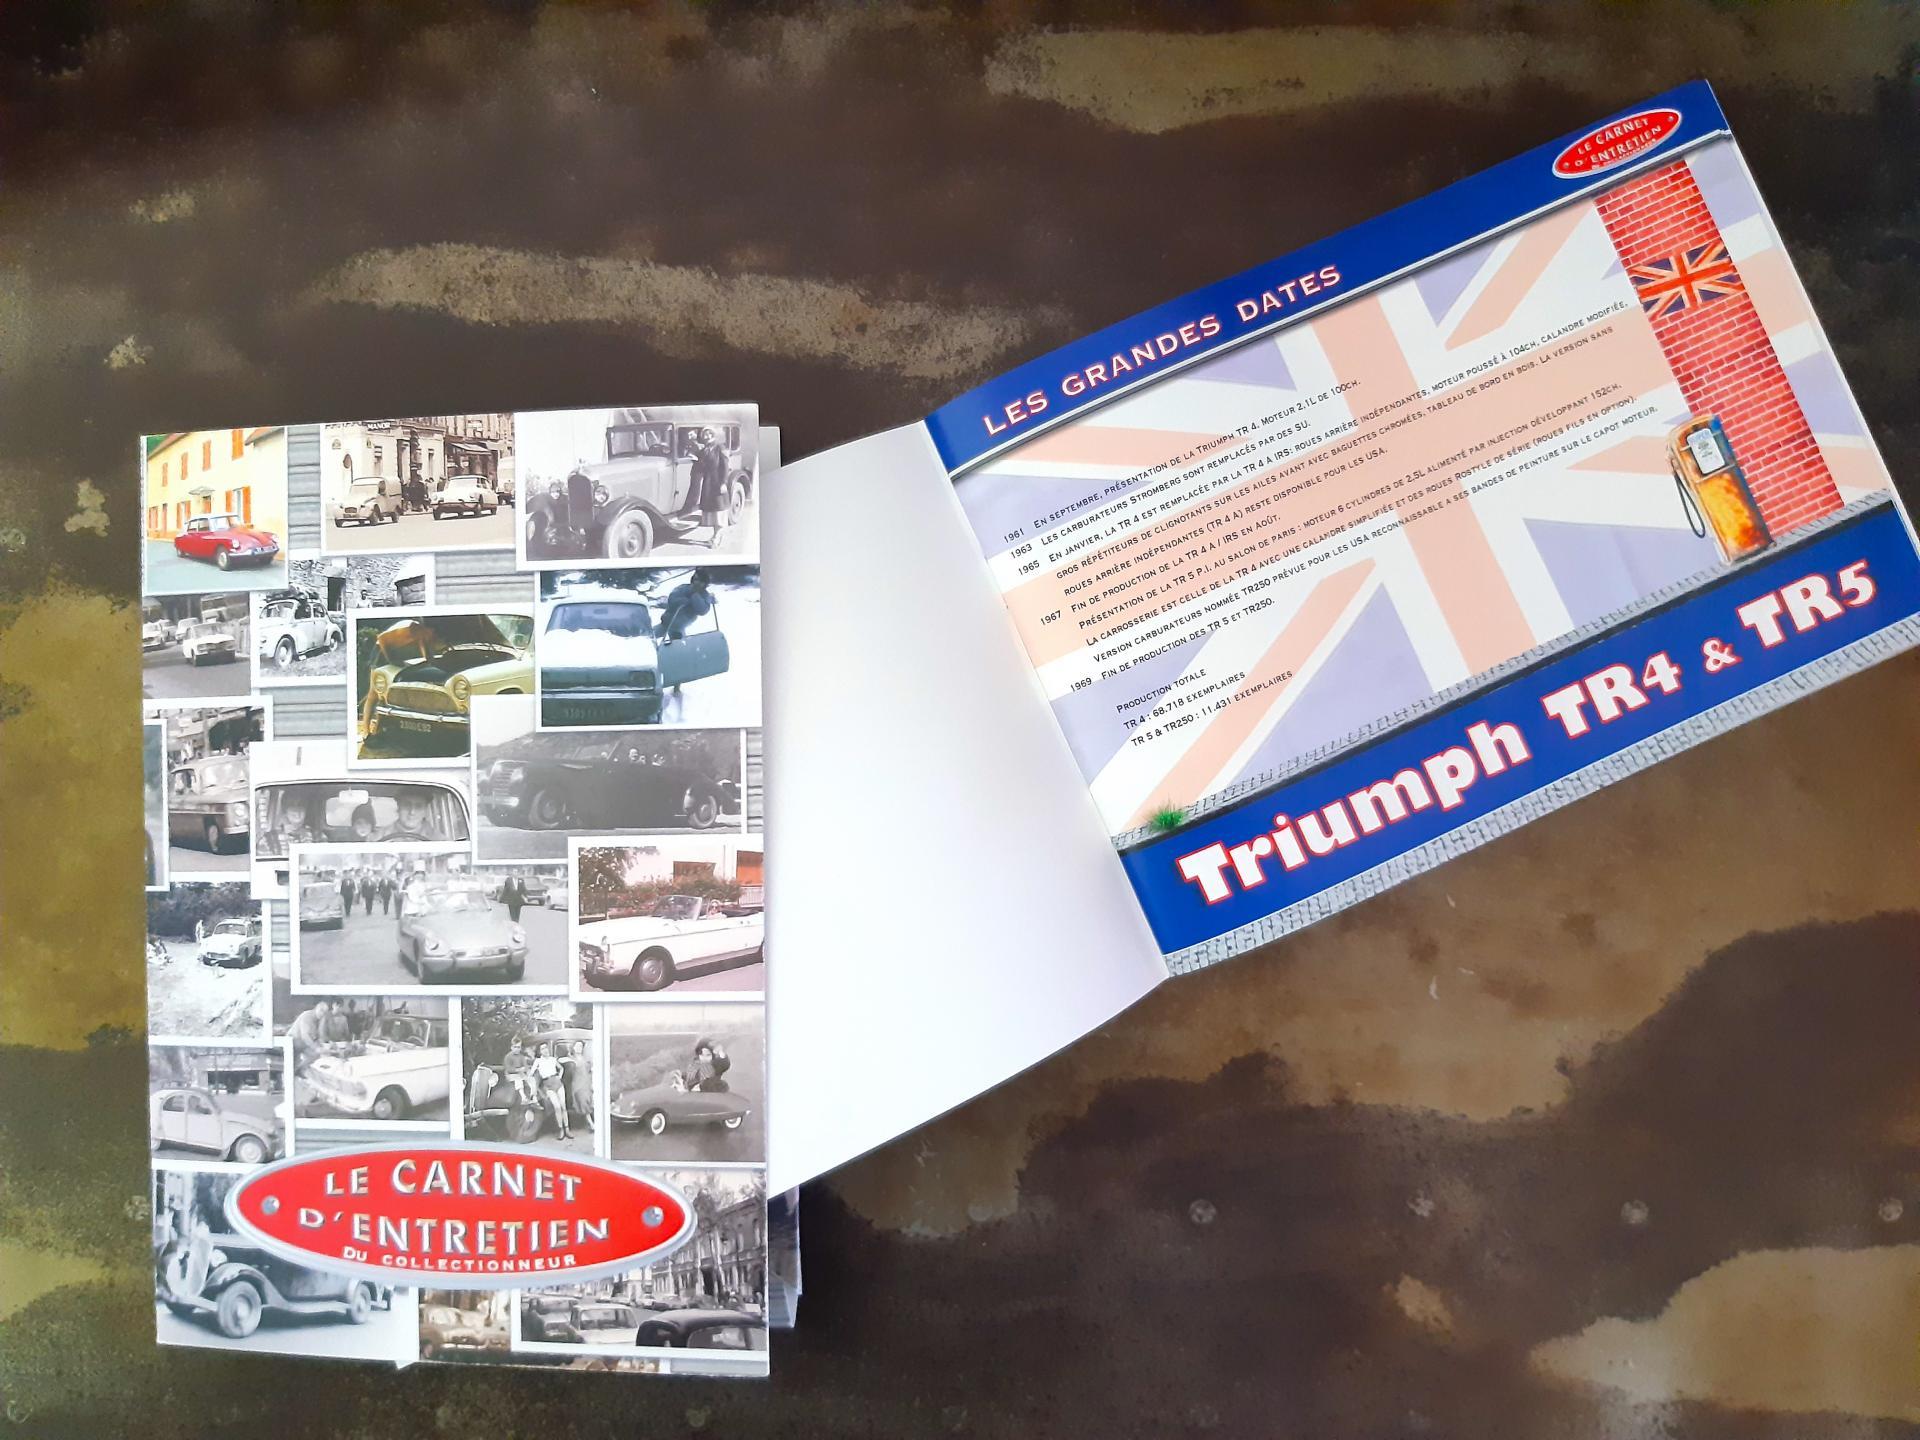 Carnet d entretien tr4